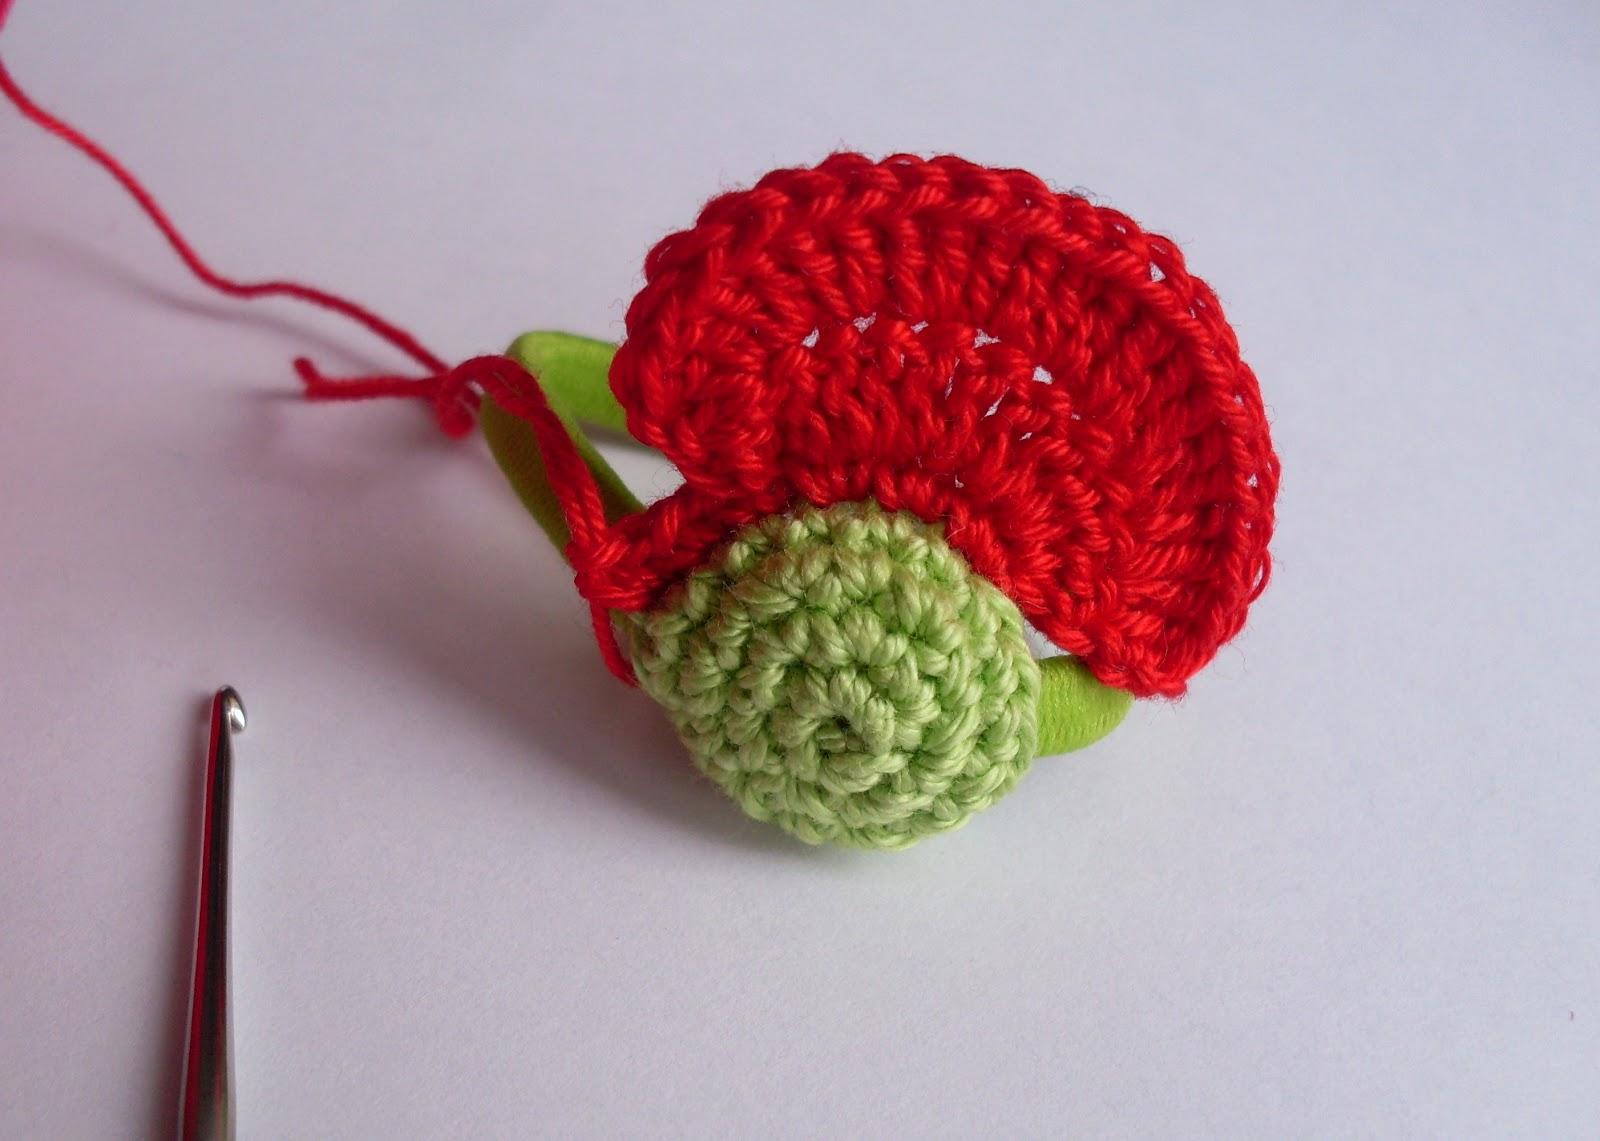 nesvizhanka мак аксессуар вязание крючком детское мк резинка для волос.